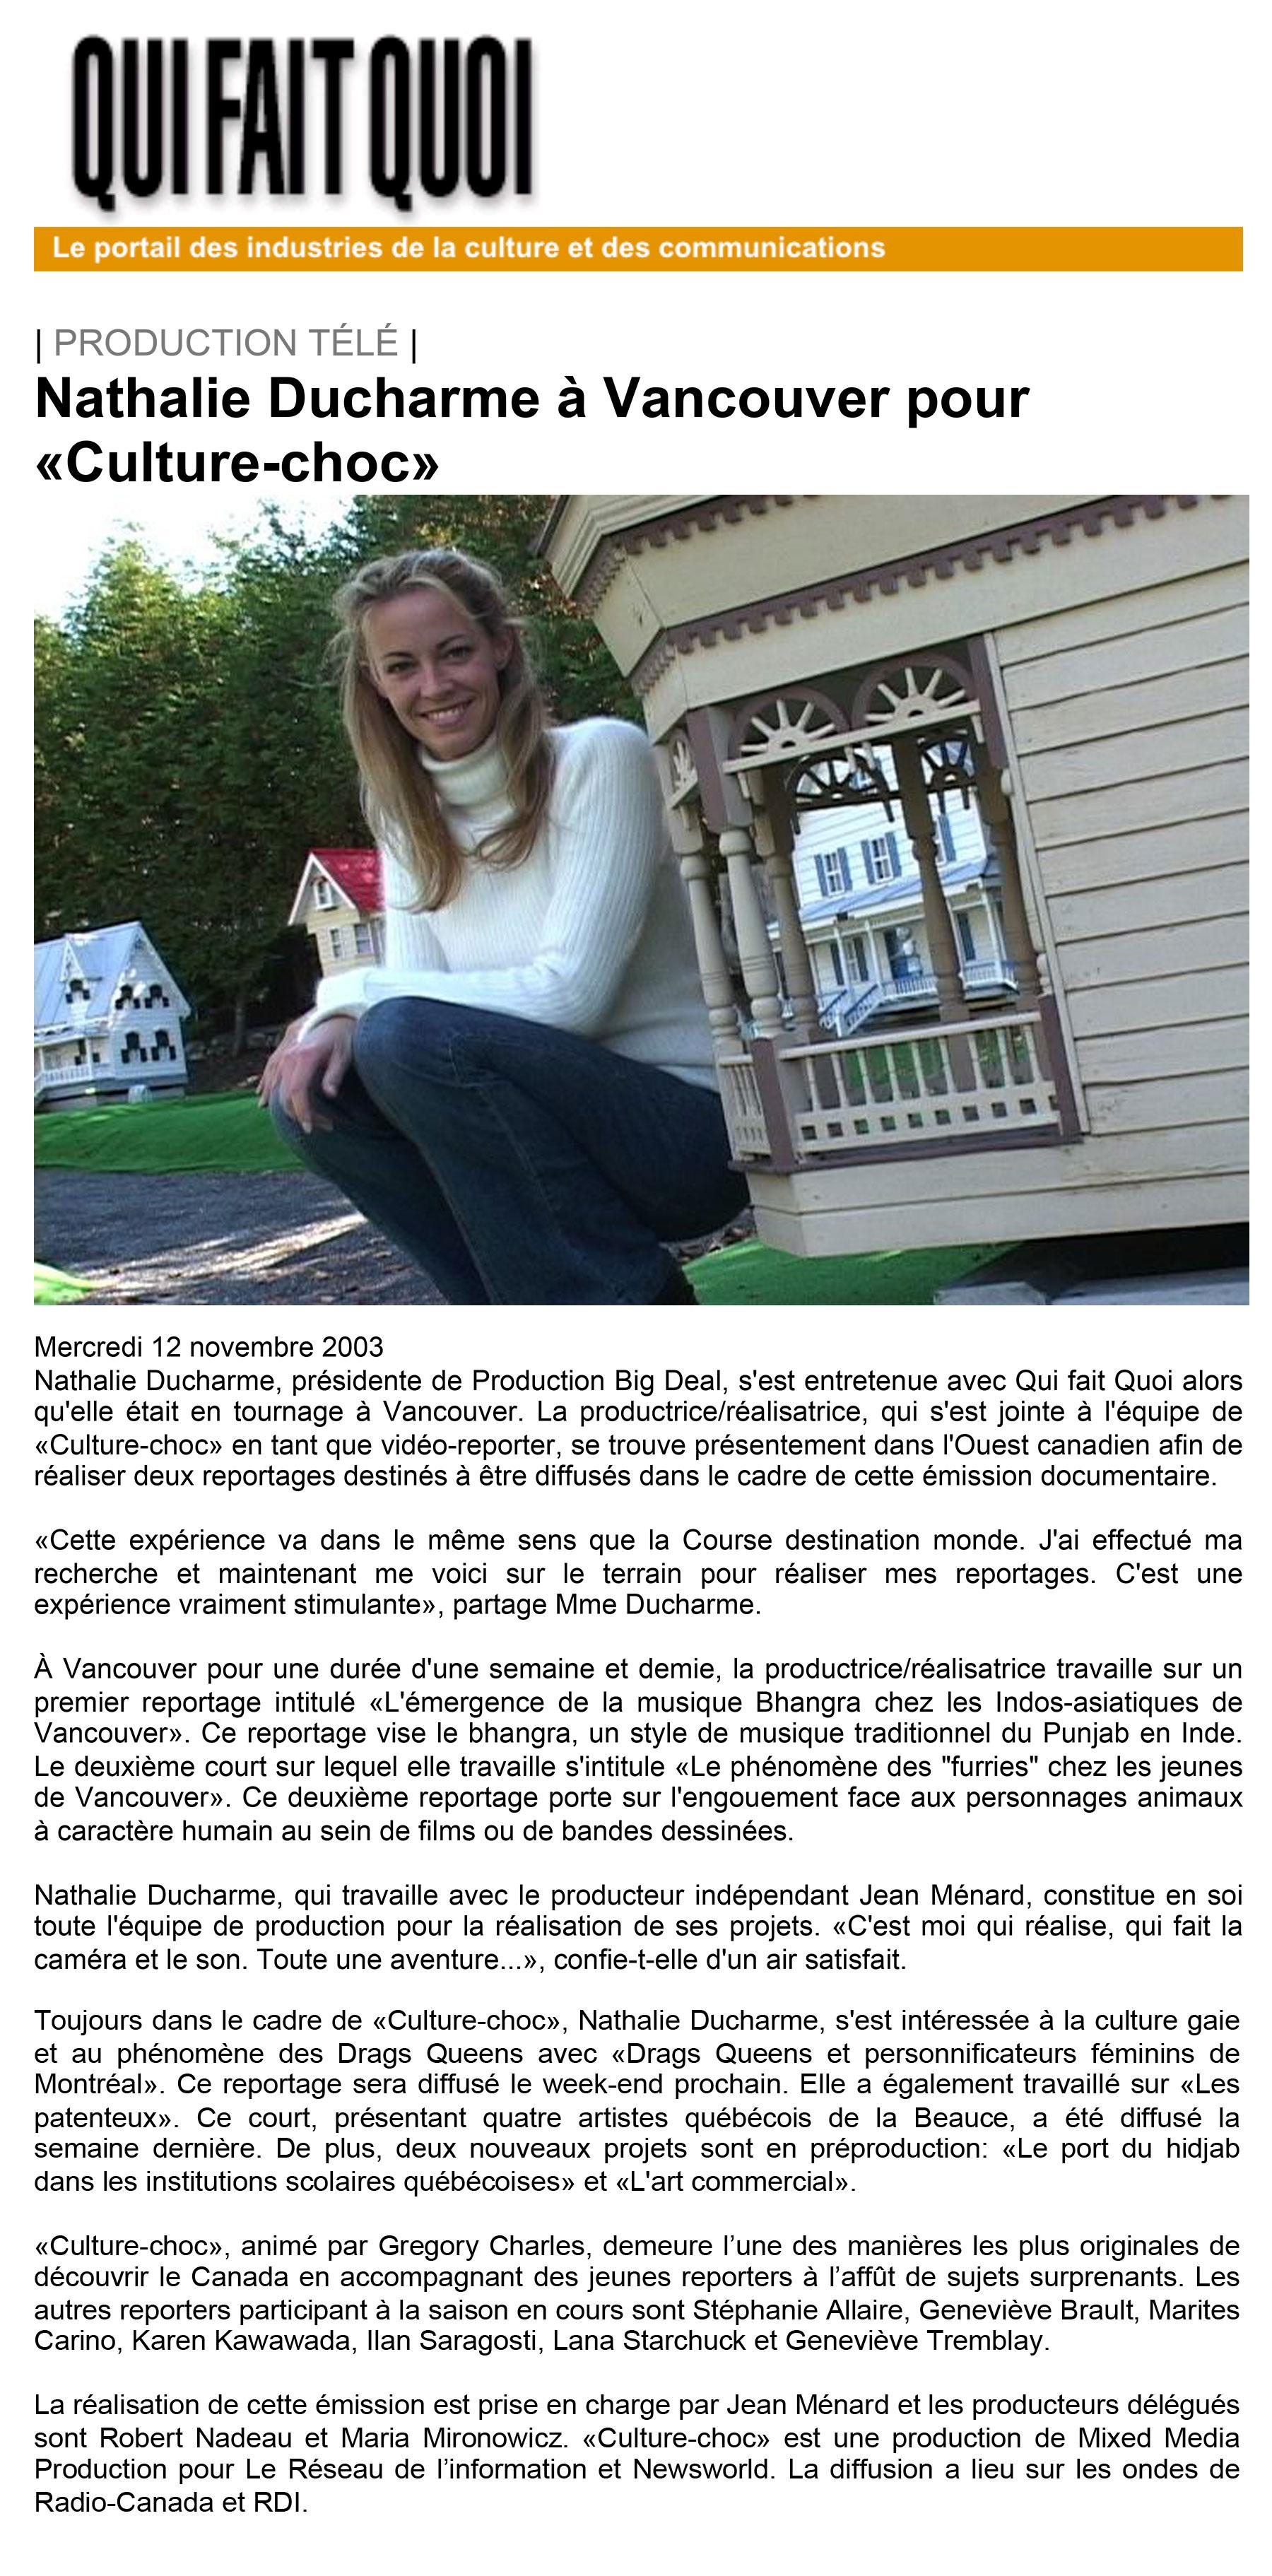 Nathalie Ducharme - réalisatrice journaliste et vidéo-reporter pour culture choc